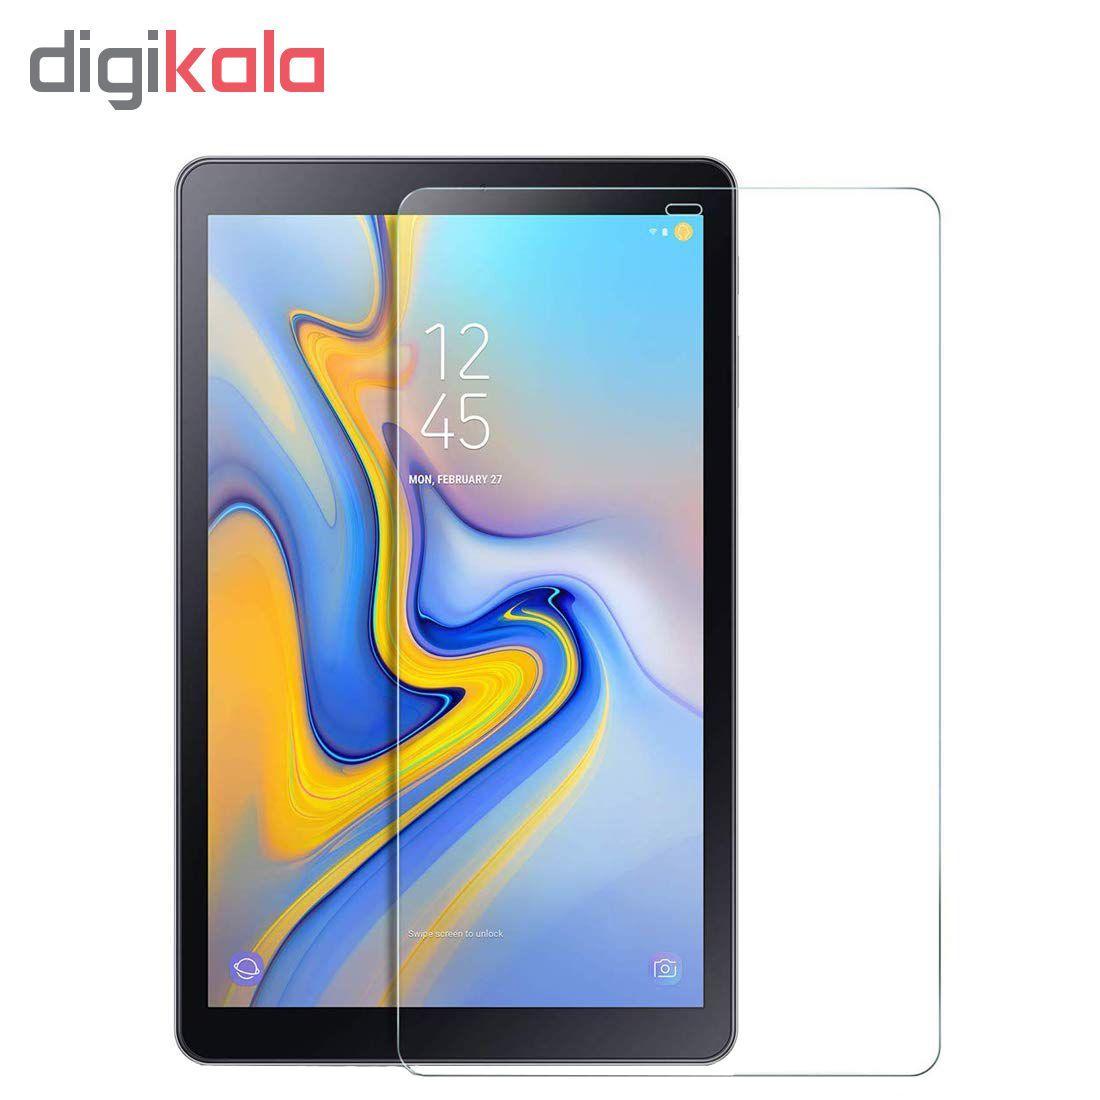 محافظ صفحه نمایش مدل GL-01 مناسب برای تبلت سامسونگ Galaxy Tab A 10.1 SM-T515 main 1 1